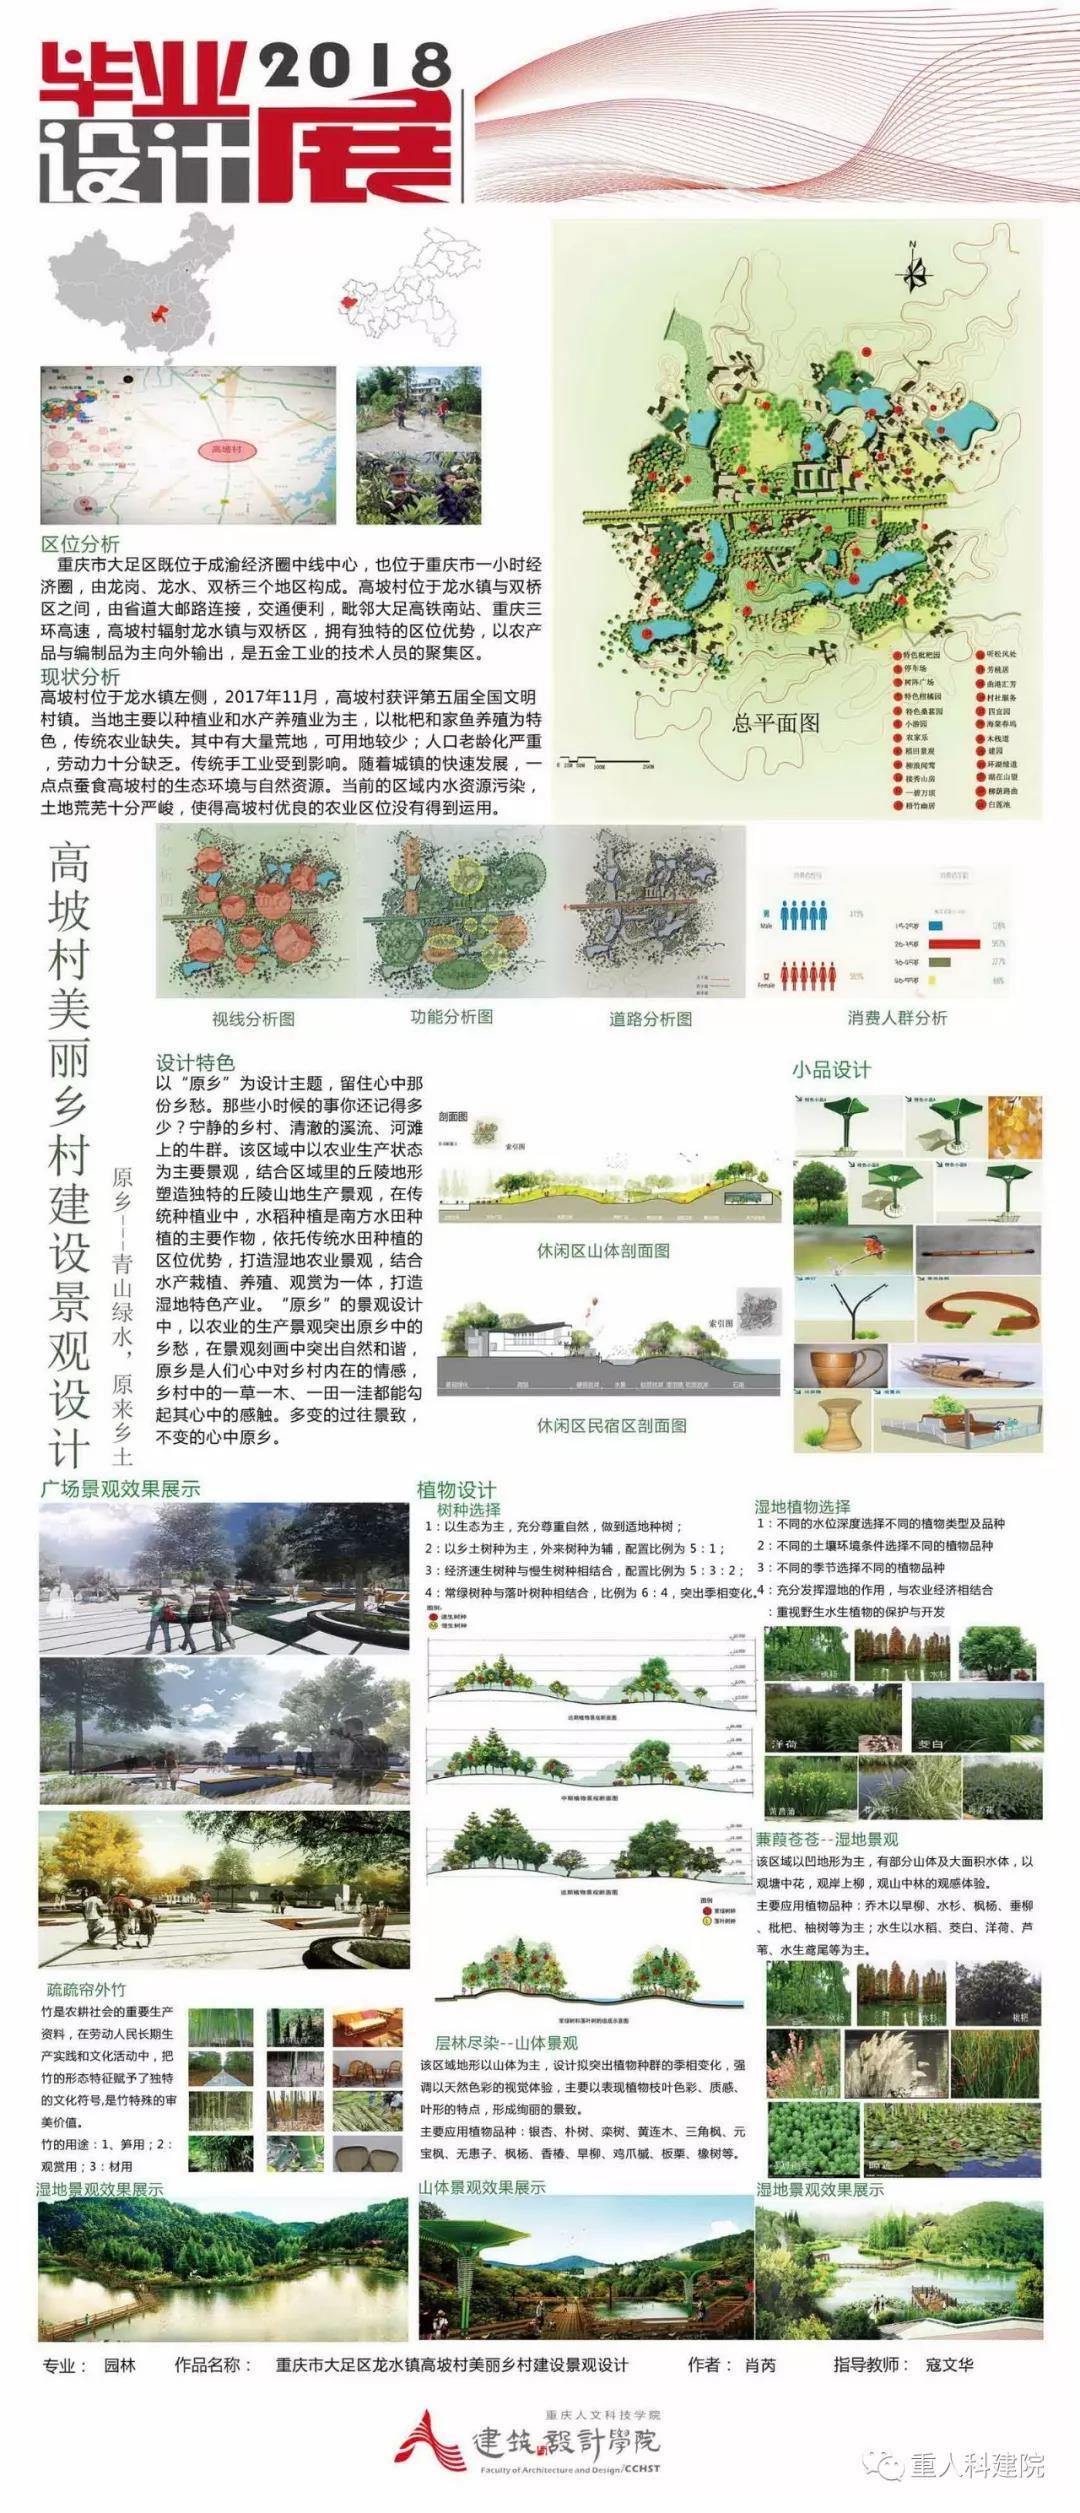 肖芮同学作品《重庆市大足区龙水镇高坡村美丽乡村建设景观设计》.jpg